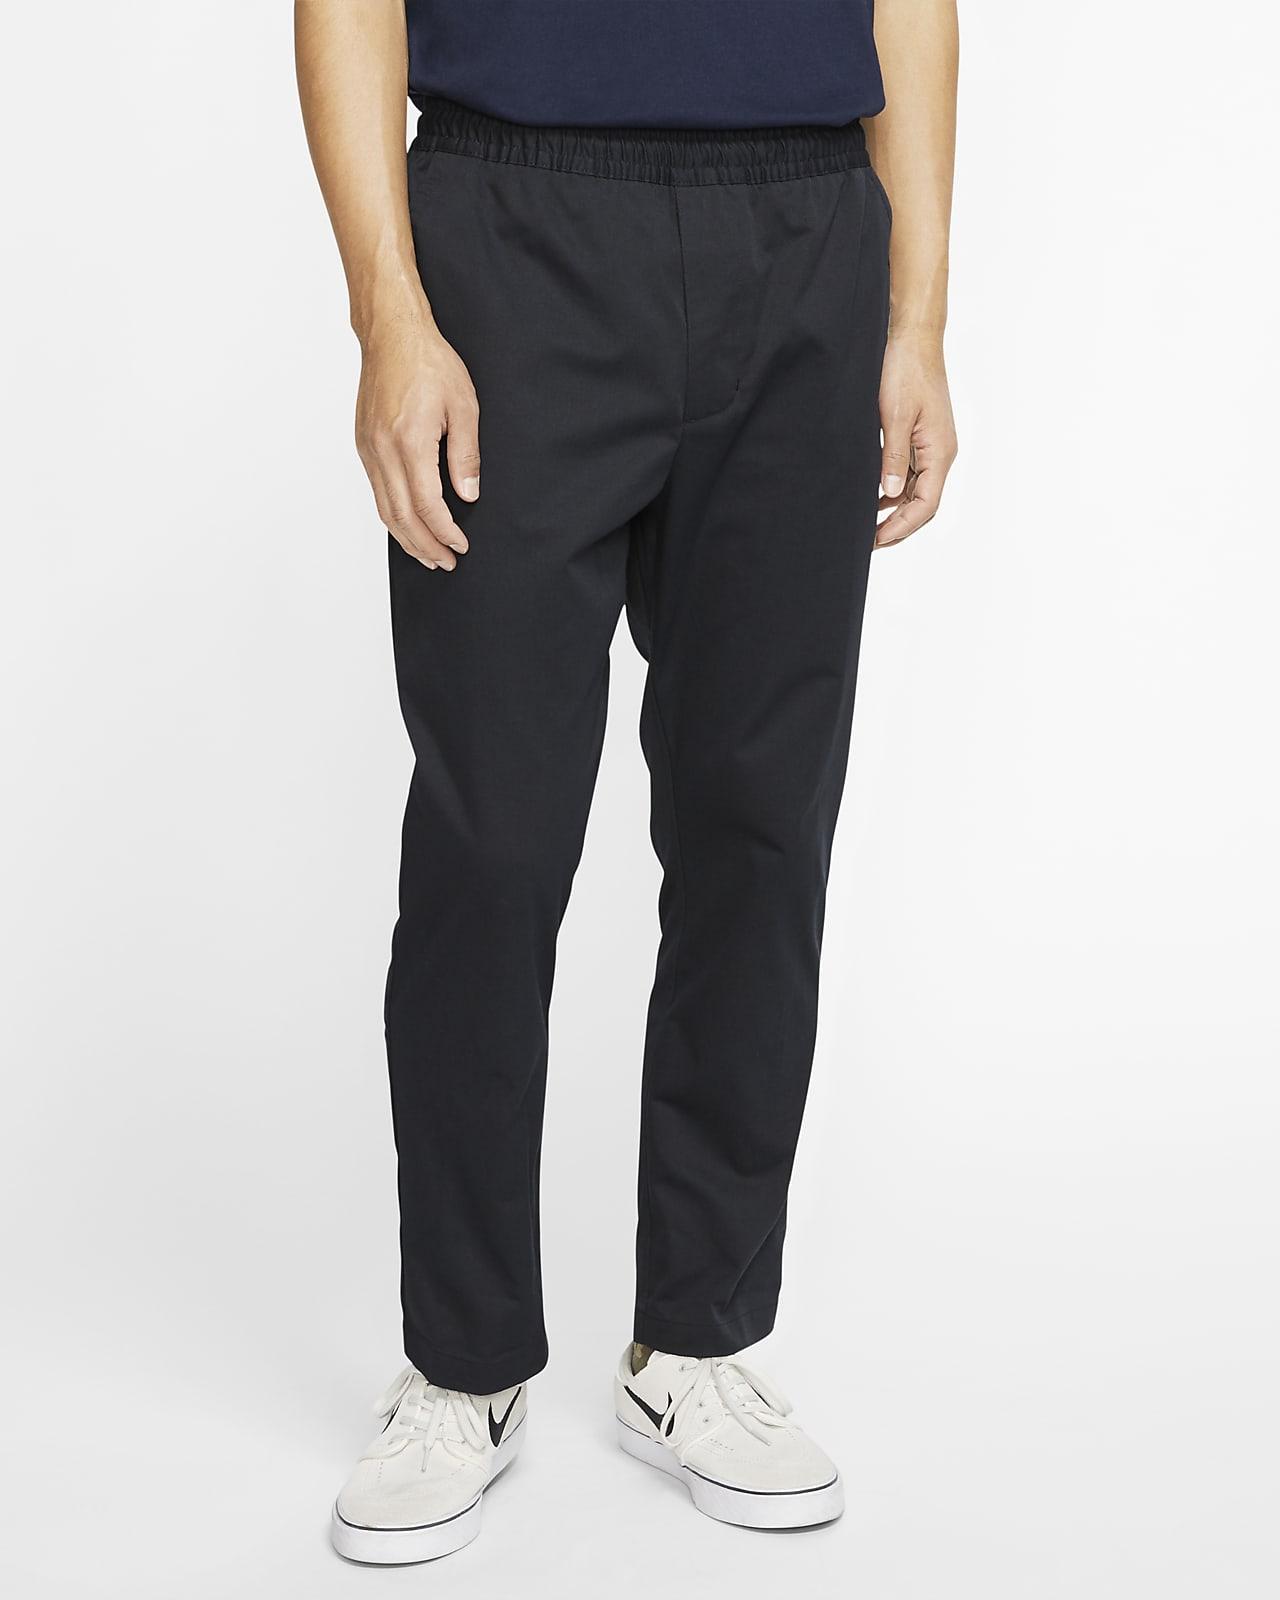 Męskie spodnie chinosy do skateboardingu Nike SB Dri-FIT